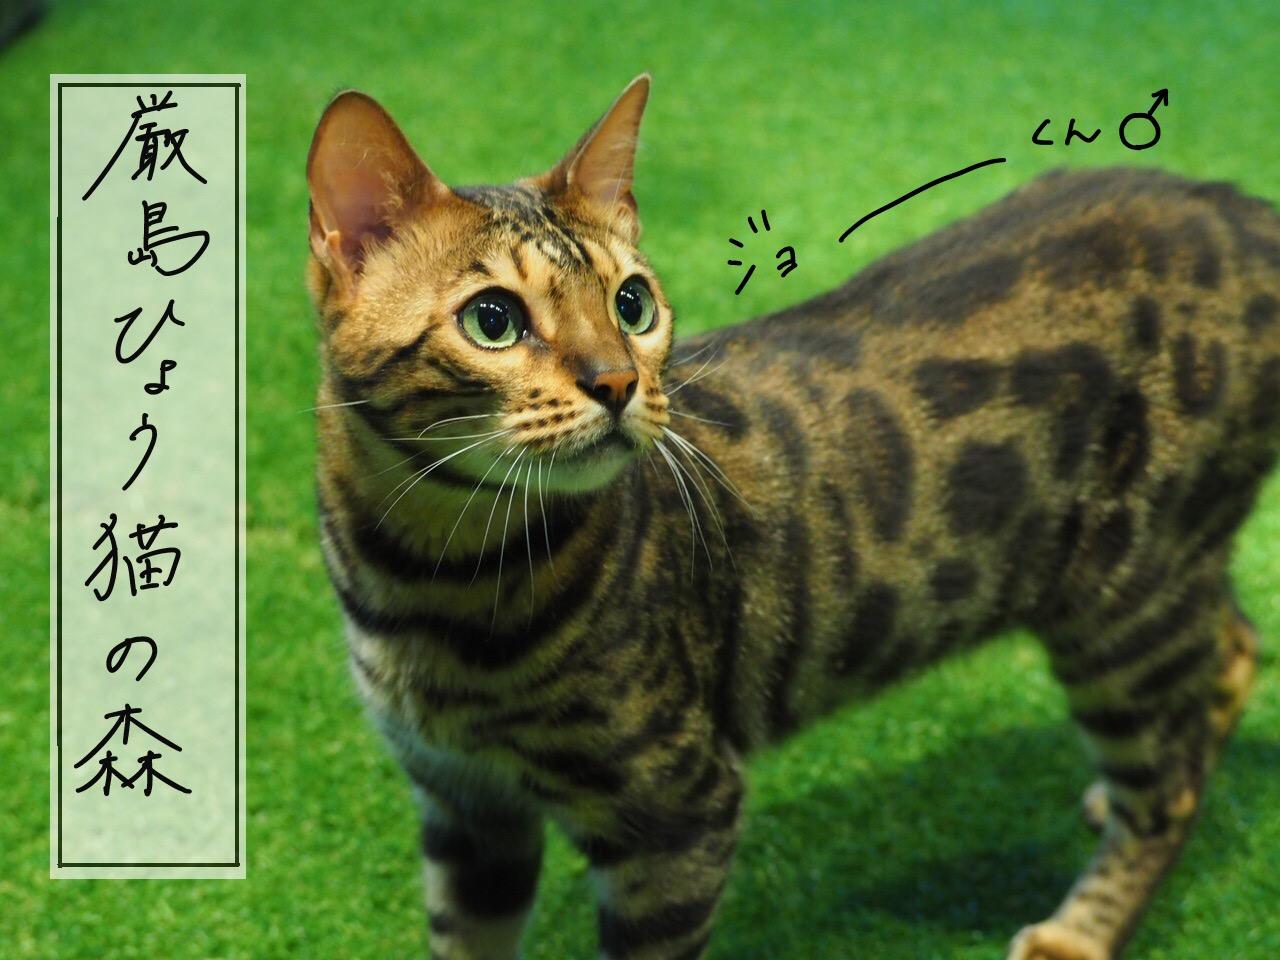 嚴島ひょう猫の森